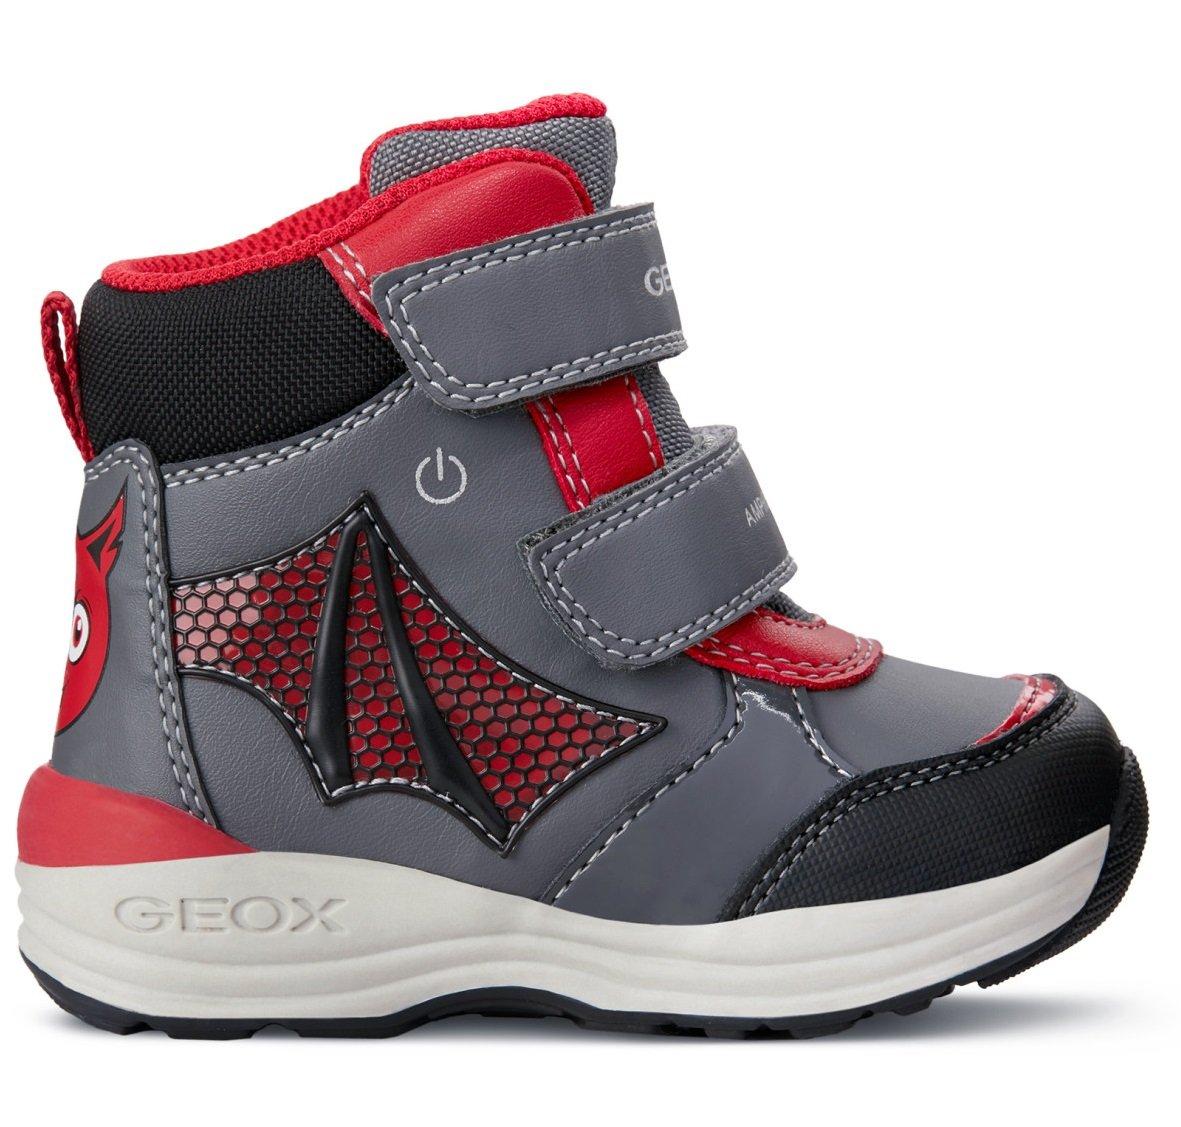 a2f463d70 Geox Chlapčenské zimné topánky New Gulp - šedo-červené - Glami.sk